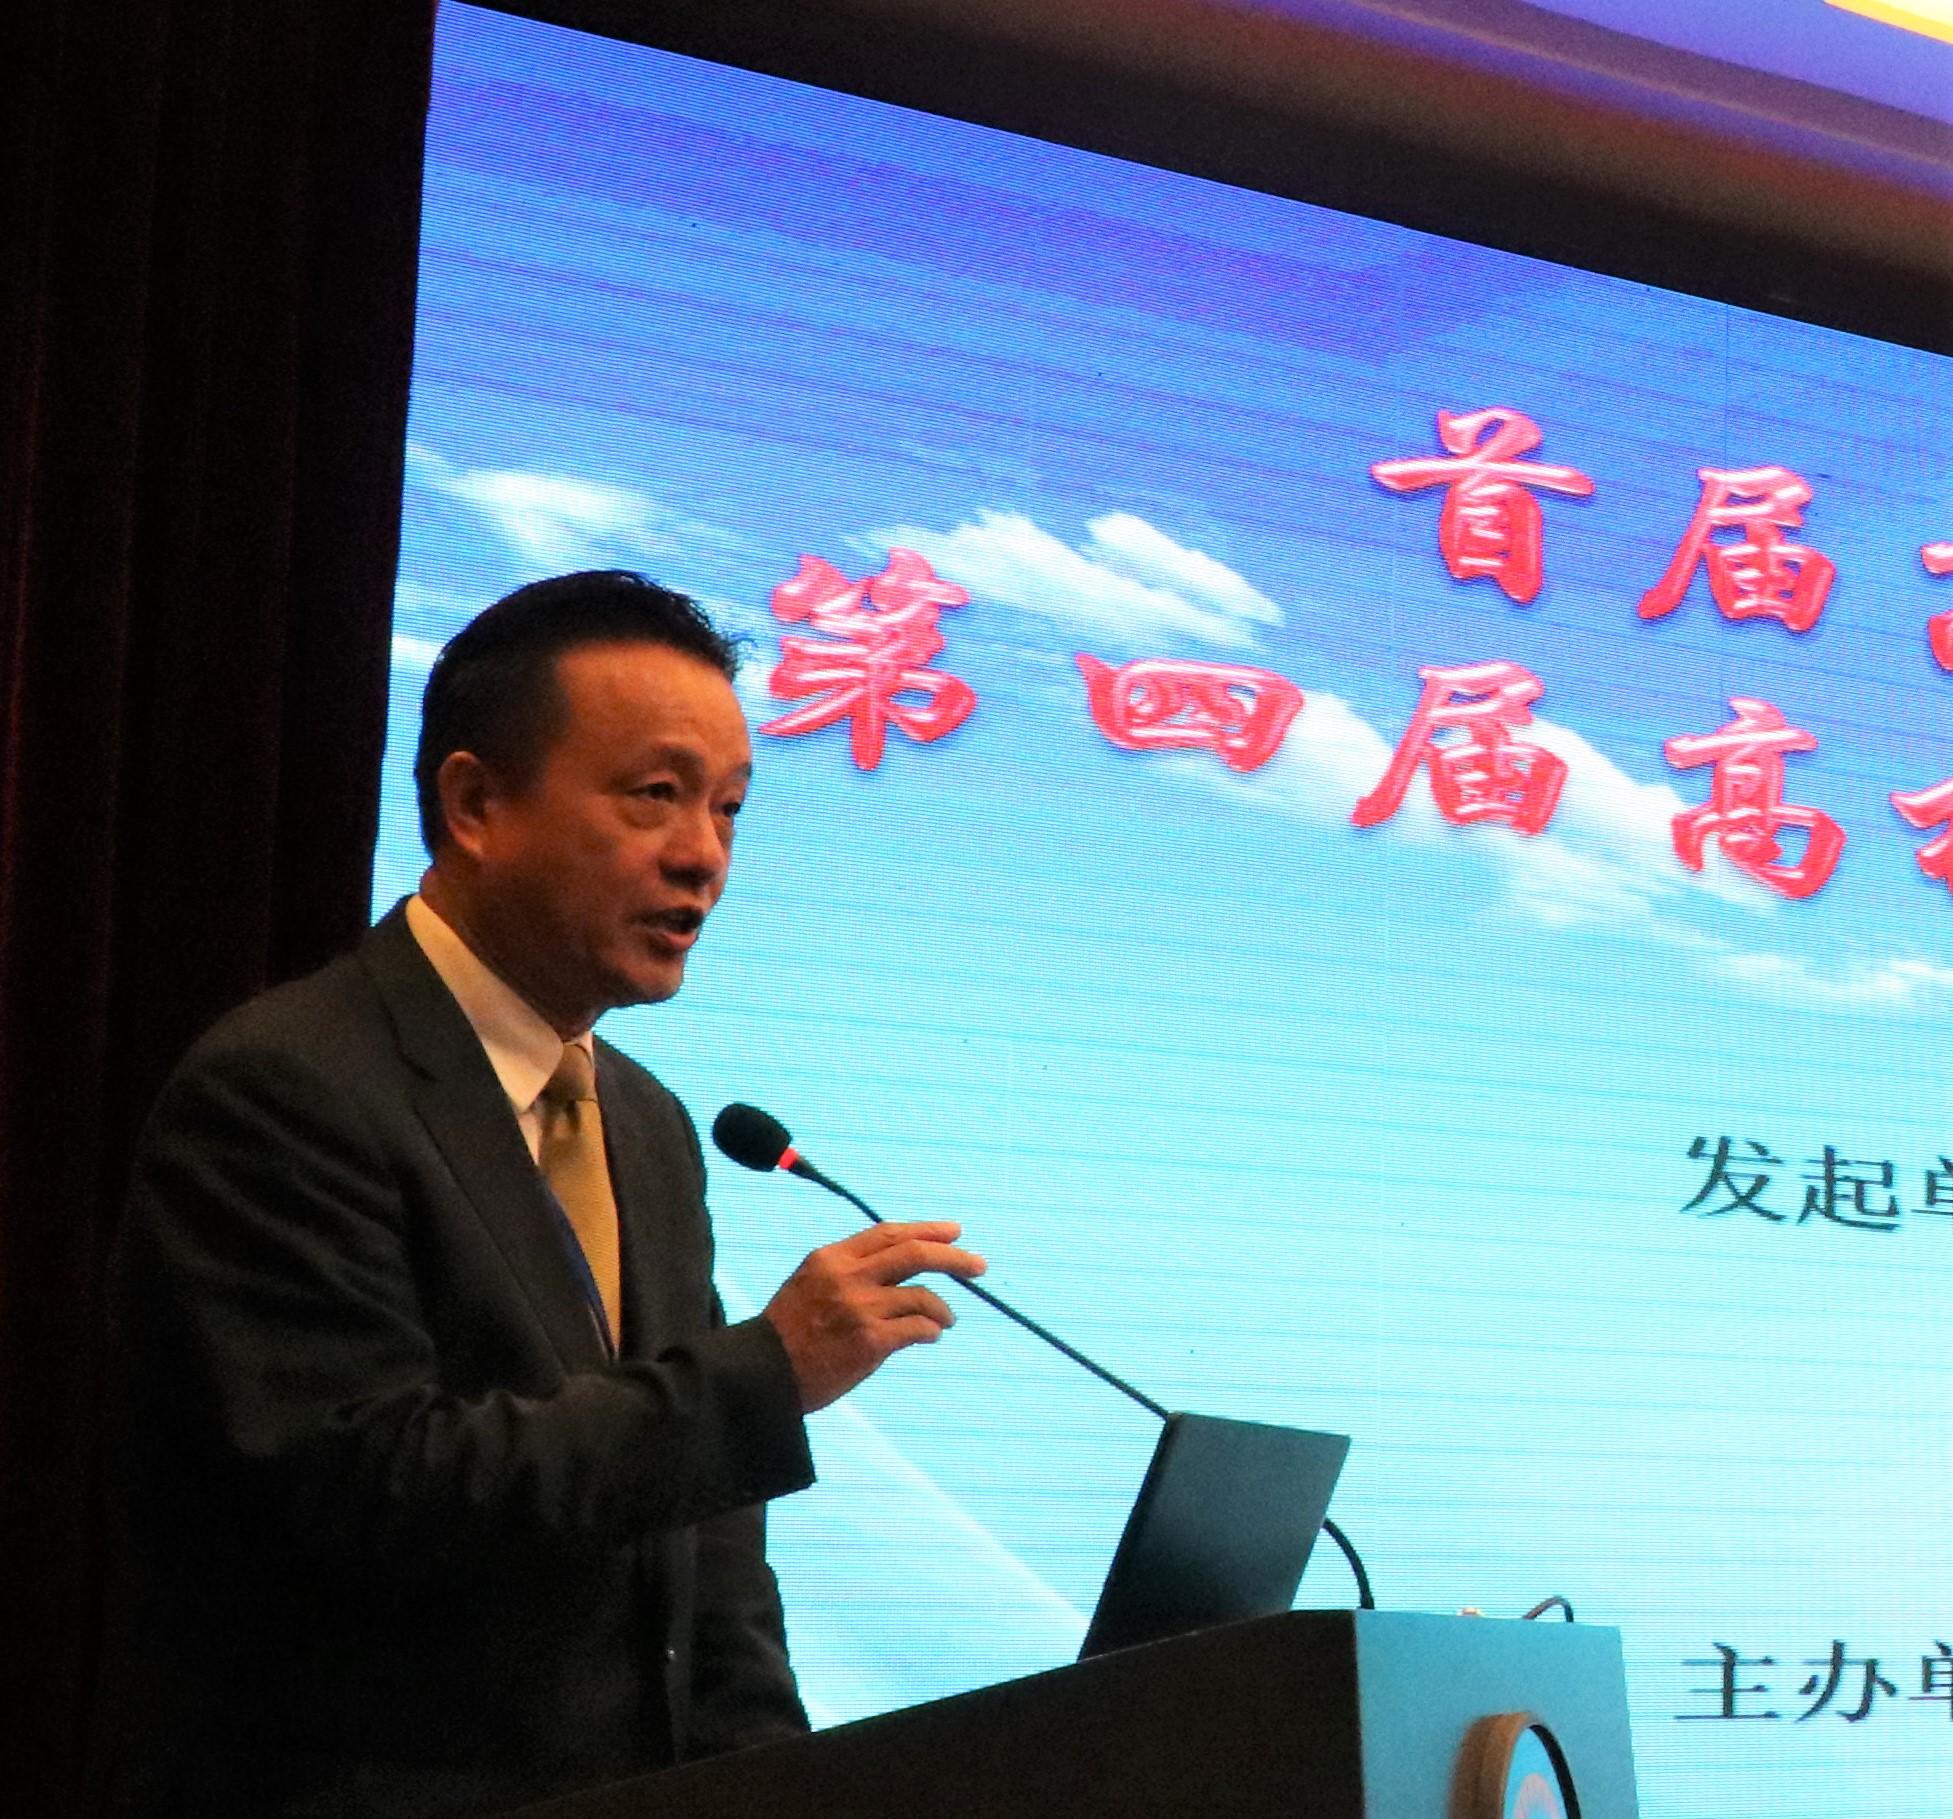 (中国和平统一促进会香港总会长姚志胜先生 致辞)